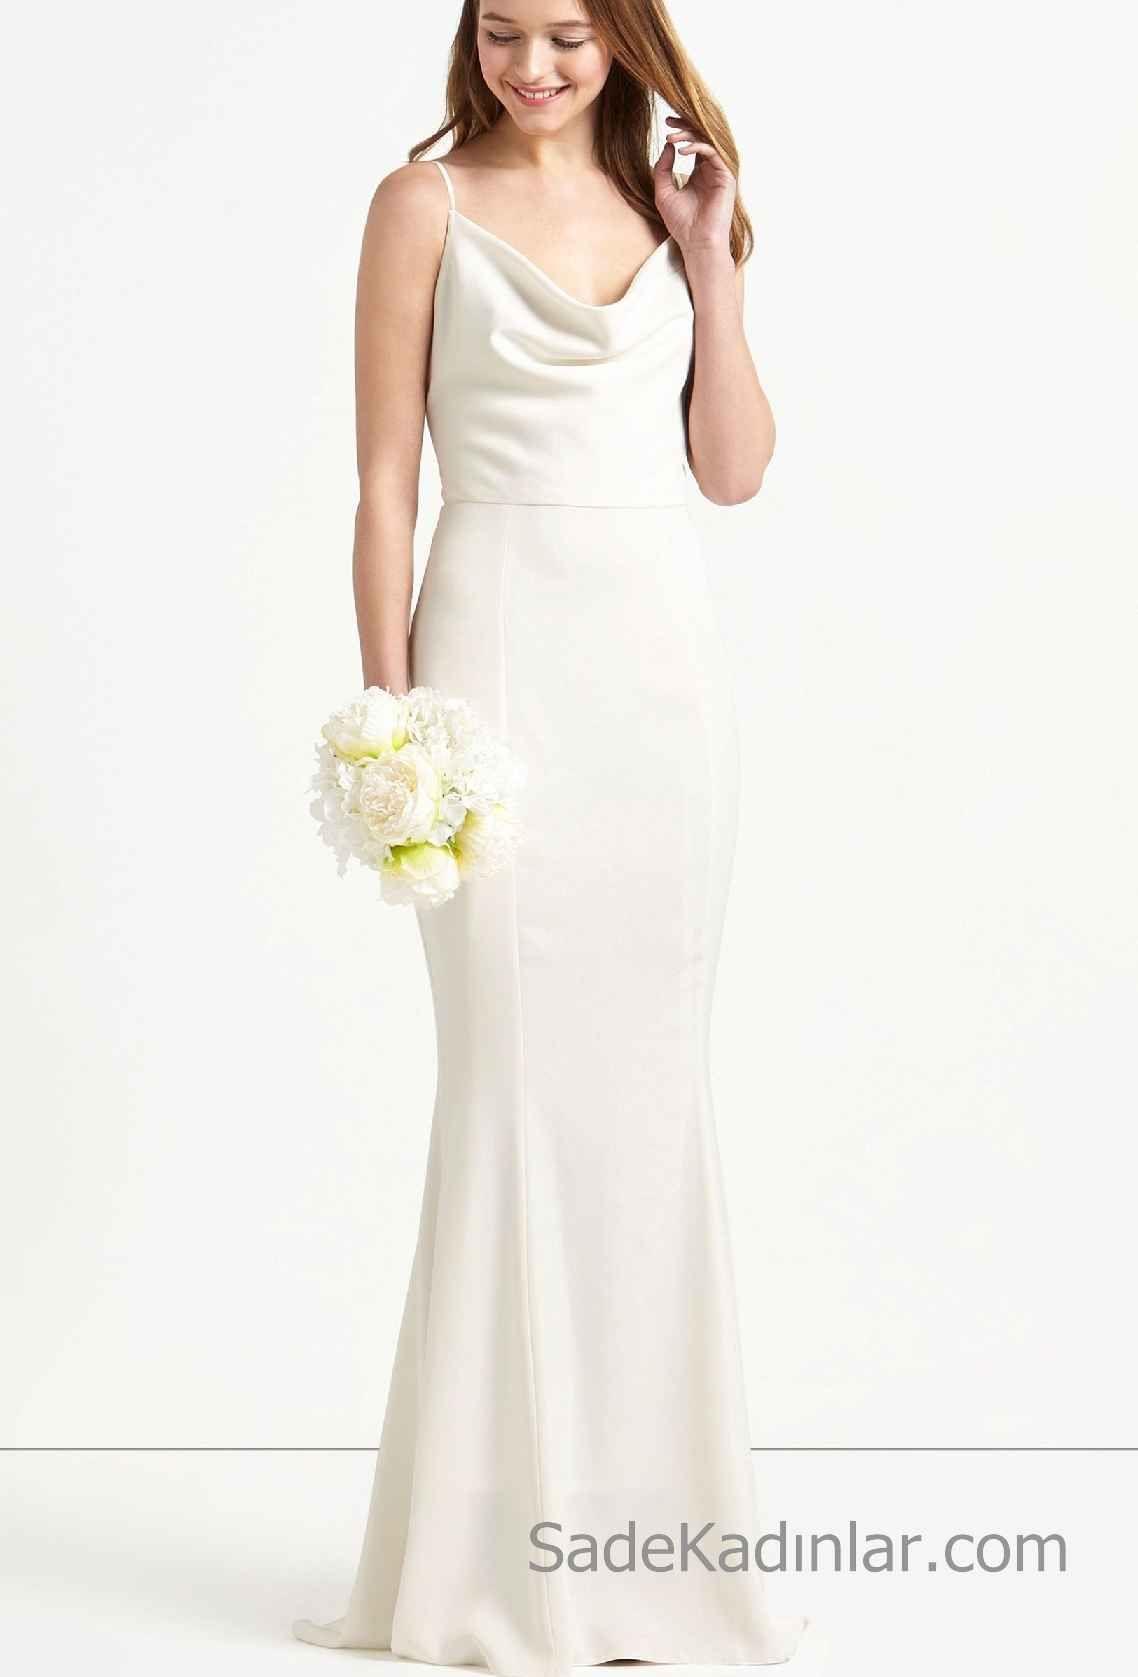 2018 Beyaz Elbise Modelleri Sirt Dekolteli Uzun Saten Elbise Kisa Gelinlikler The Dress Gelinlik